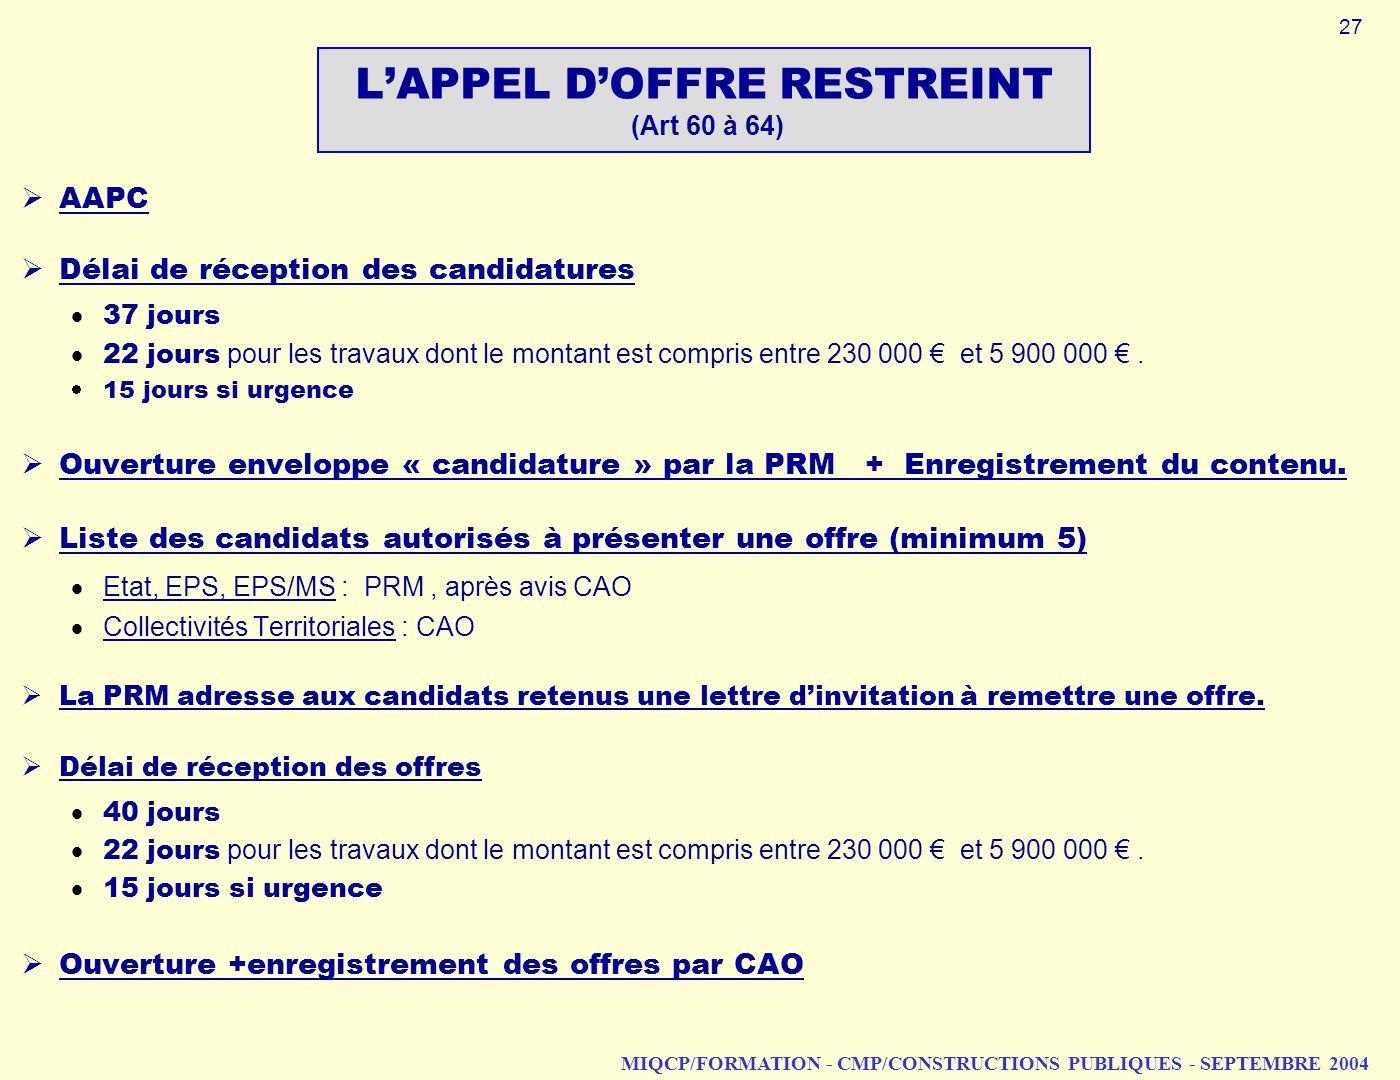 MIQCP/FORMATION - CMP/CONSTRUCTIONS PUBLIQUES - SEPTEMBRE 2004 LAPPEL DOFFRE RESTREINT (Art 60 à 64) AAPC Délai de réception des candidatures 37 jours